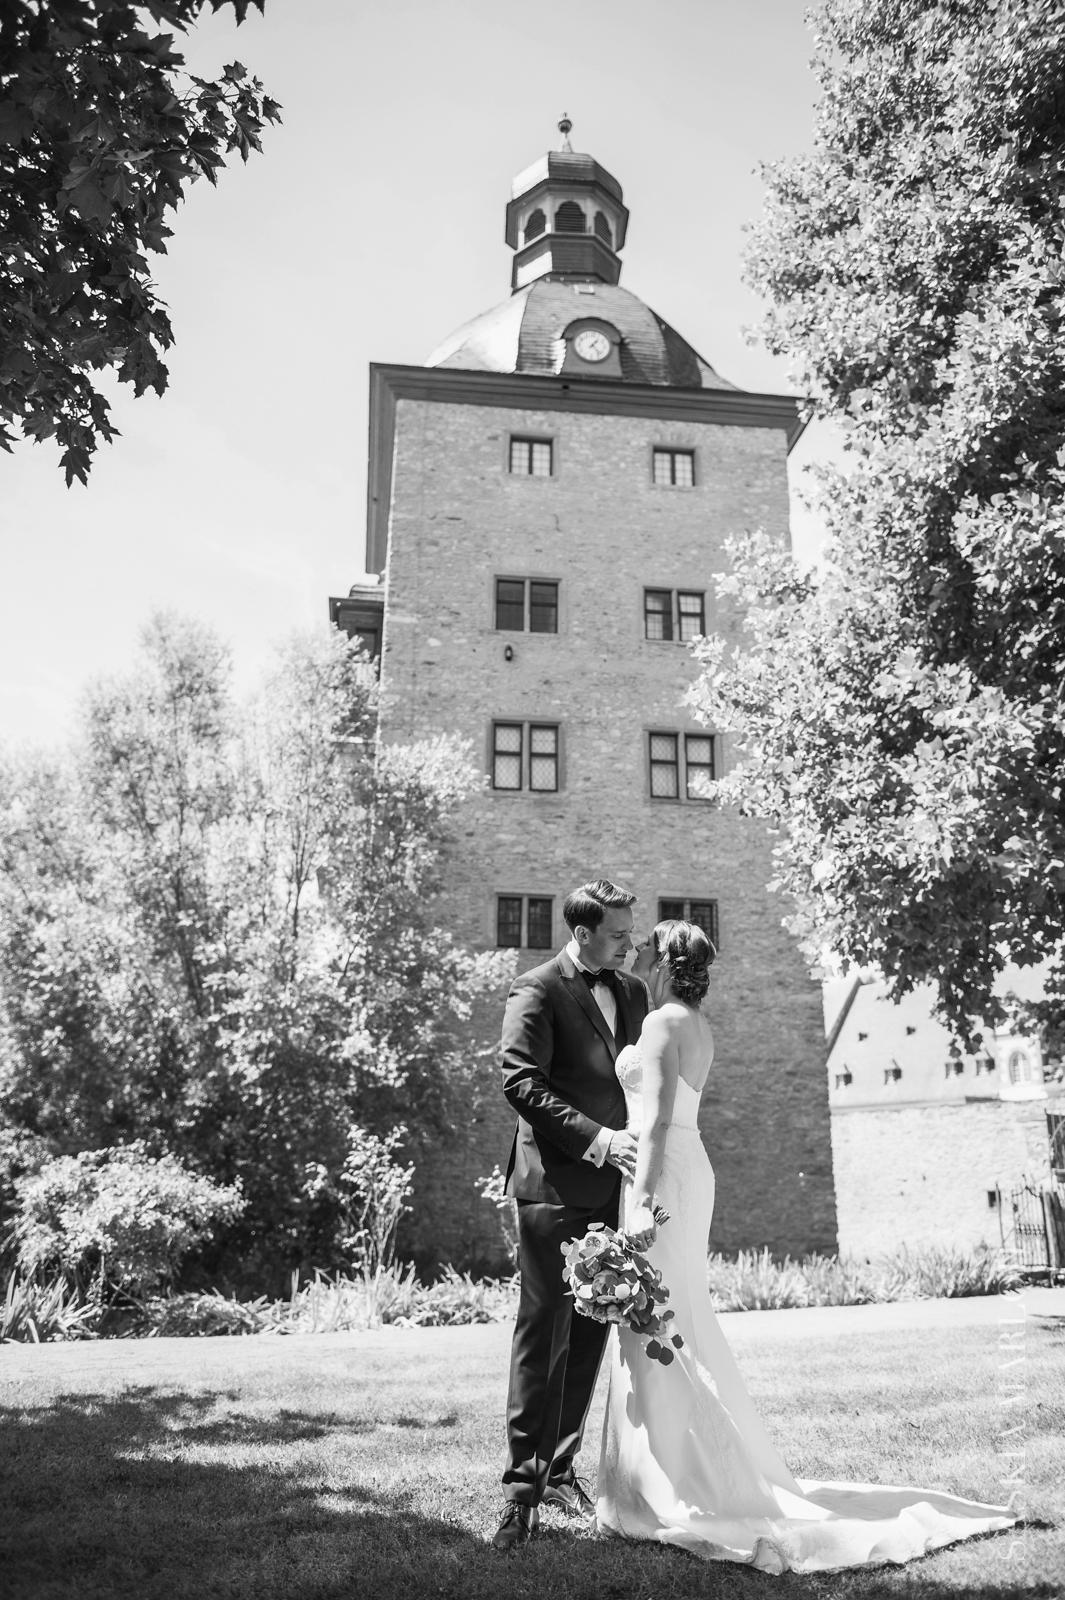 SCHLOSS-VOLLRADS-HOCHZEIT-WEDDING-FOTO-SASKIA-MARLOH-51-3